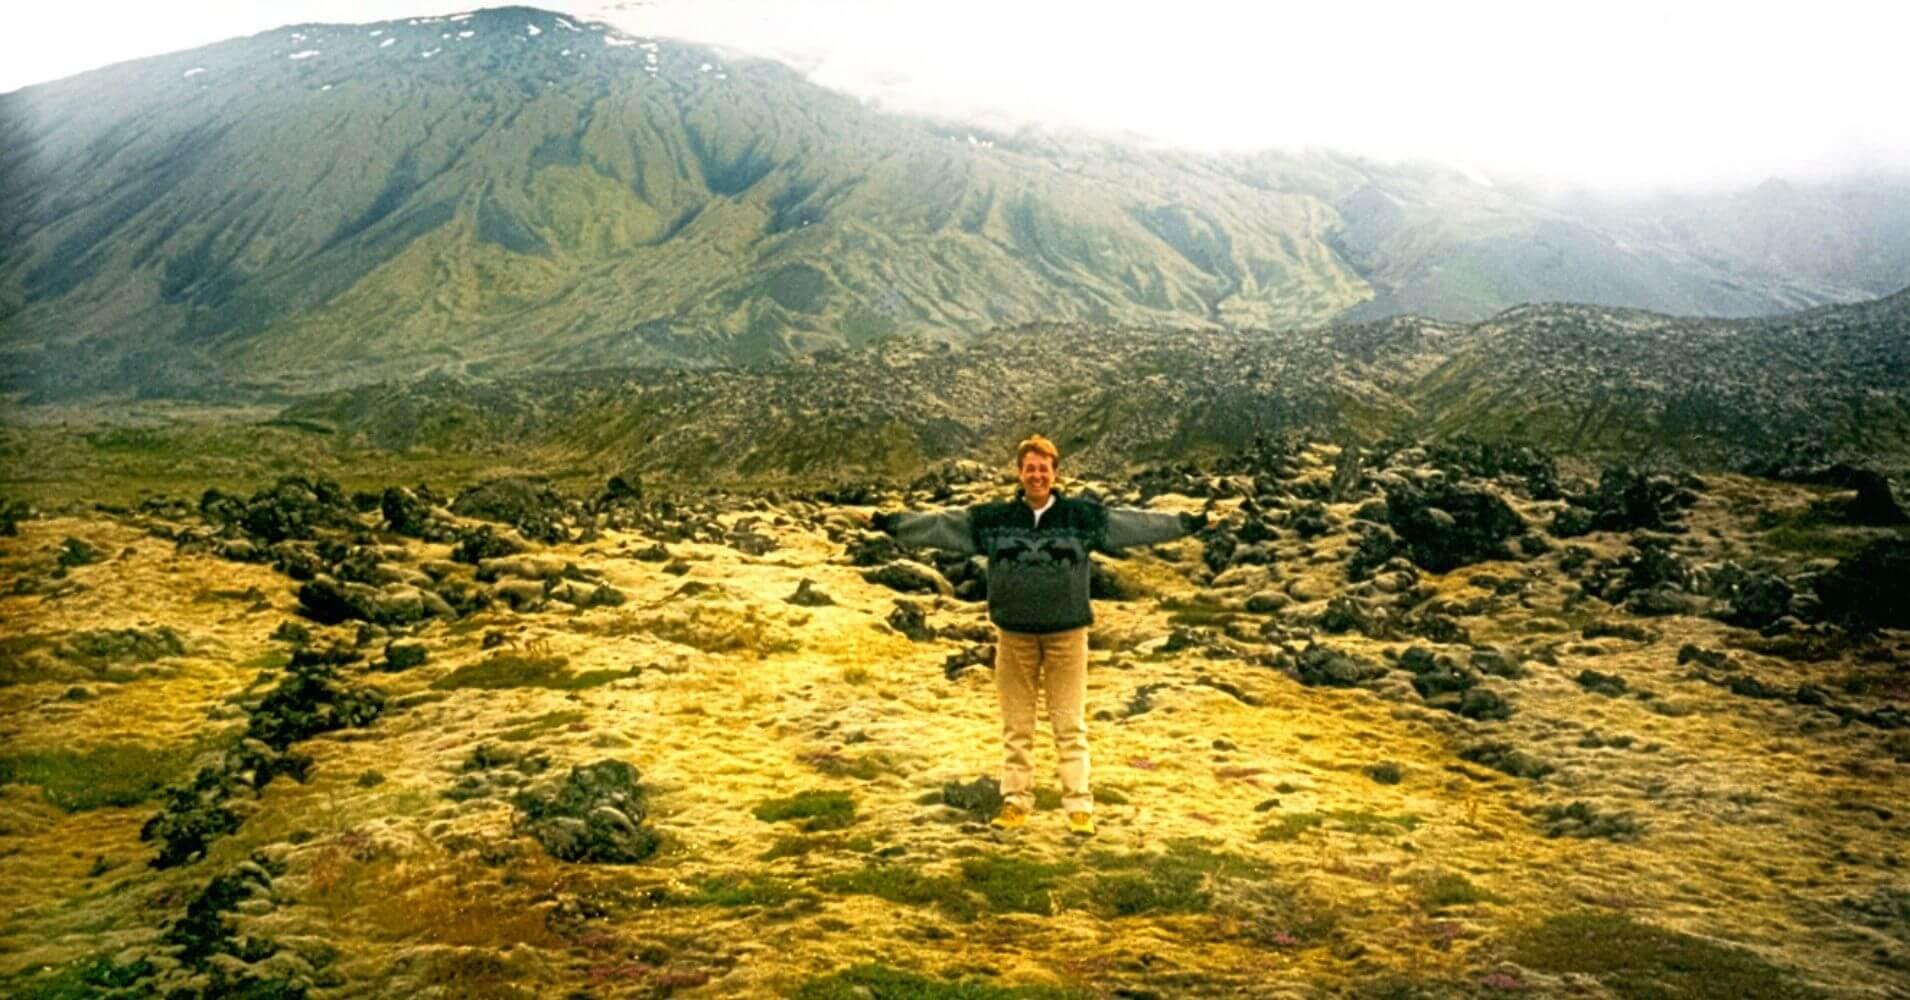 El Volcán Snaefells Snæfellsjökull. Vesturland. Islandia.